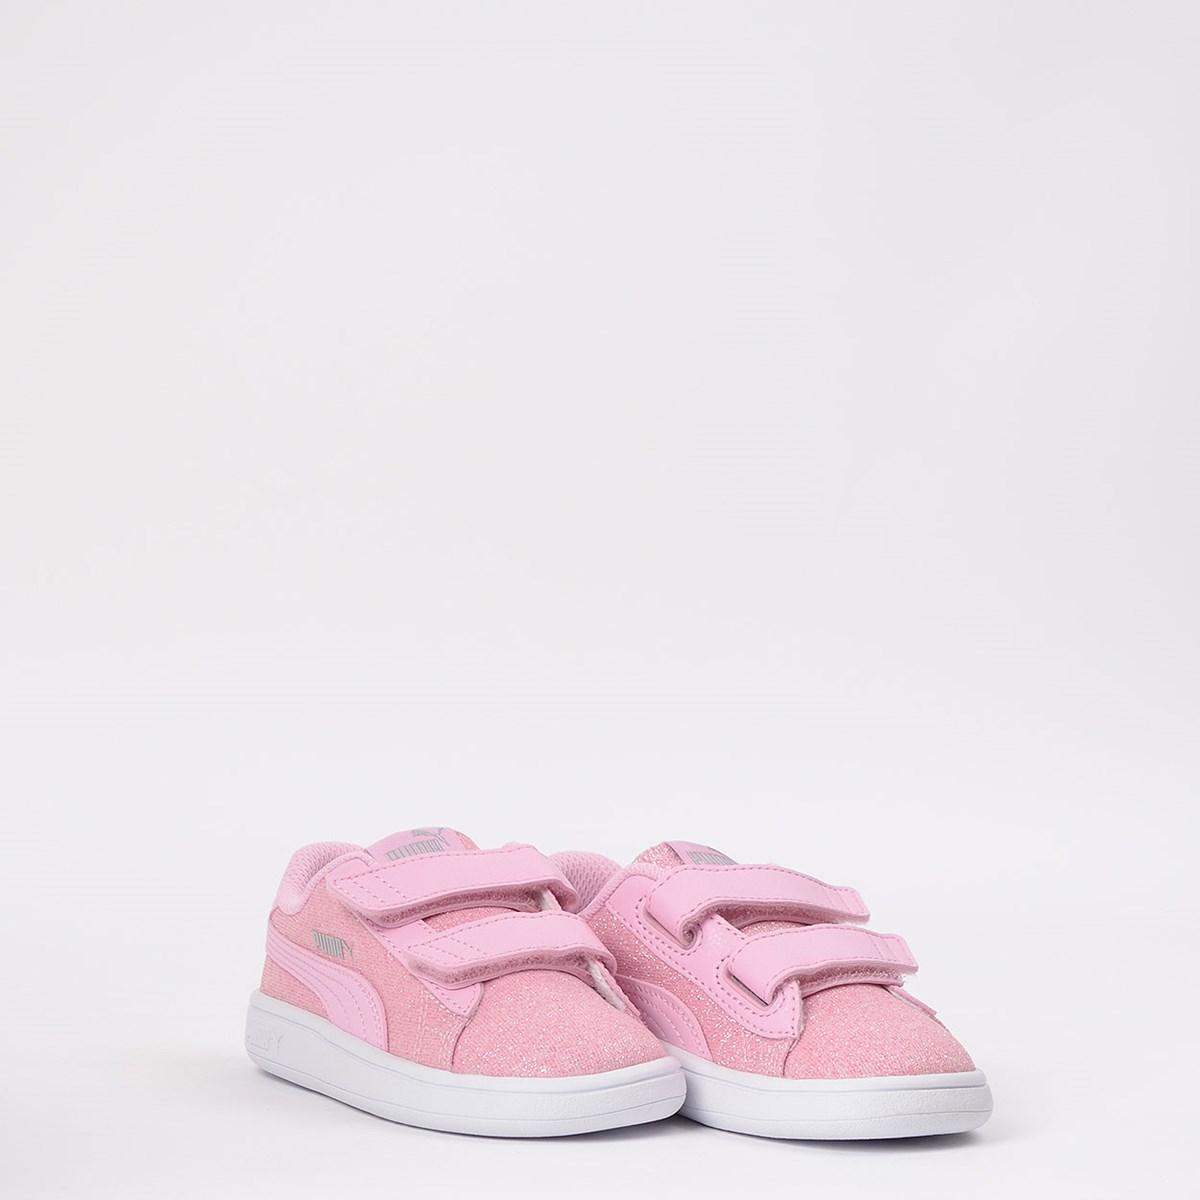 Tênis Puma Kids Smash V2 Glitz Glam V Pale Pink 367380-19